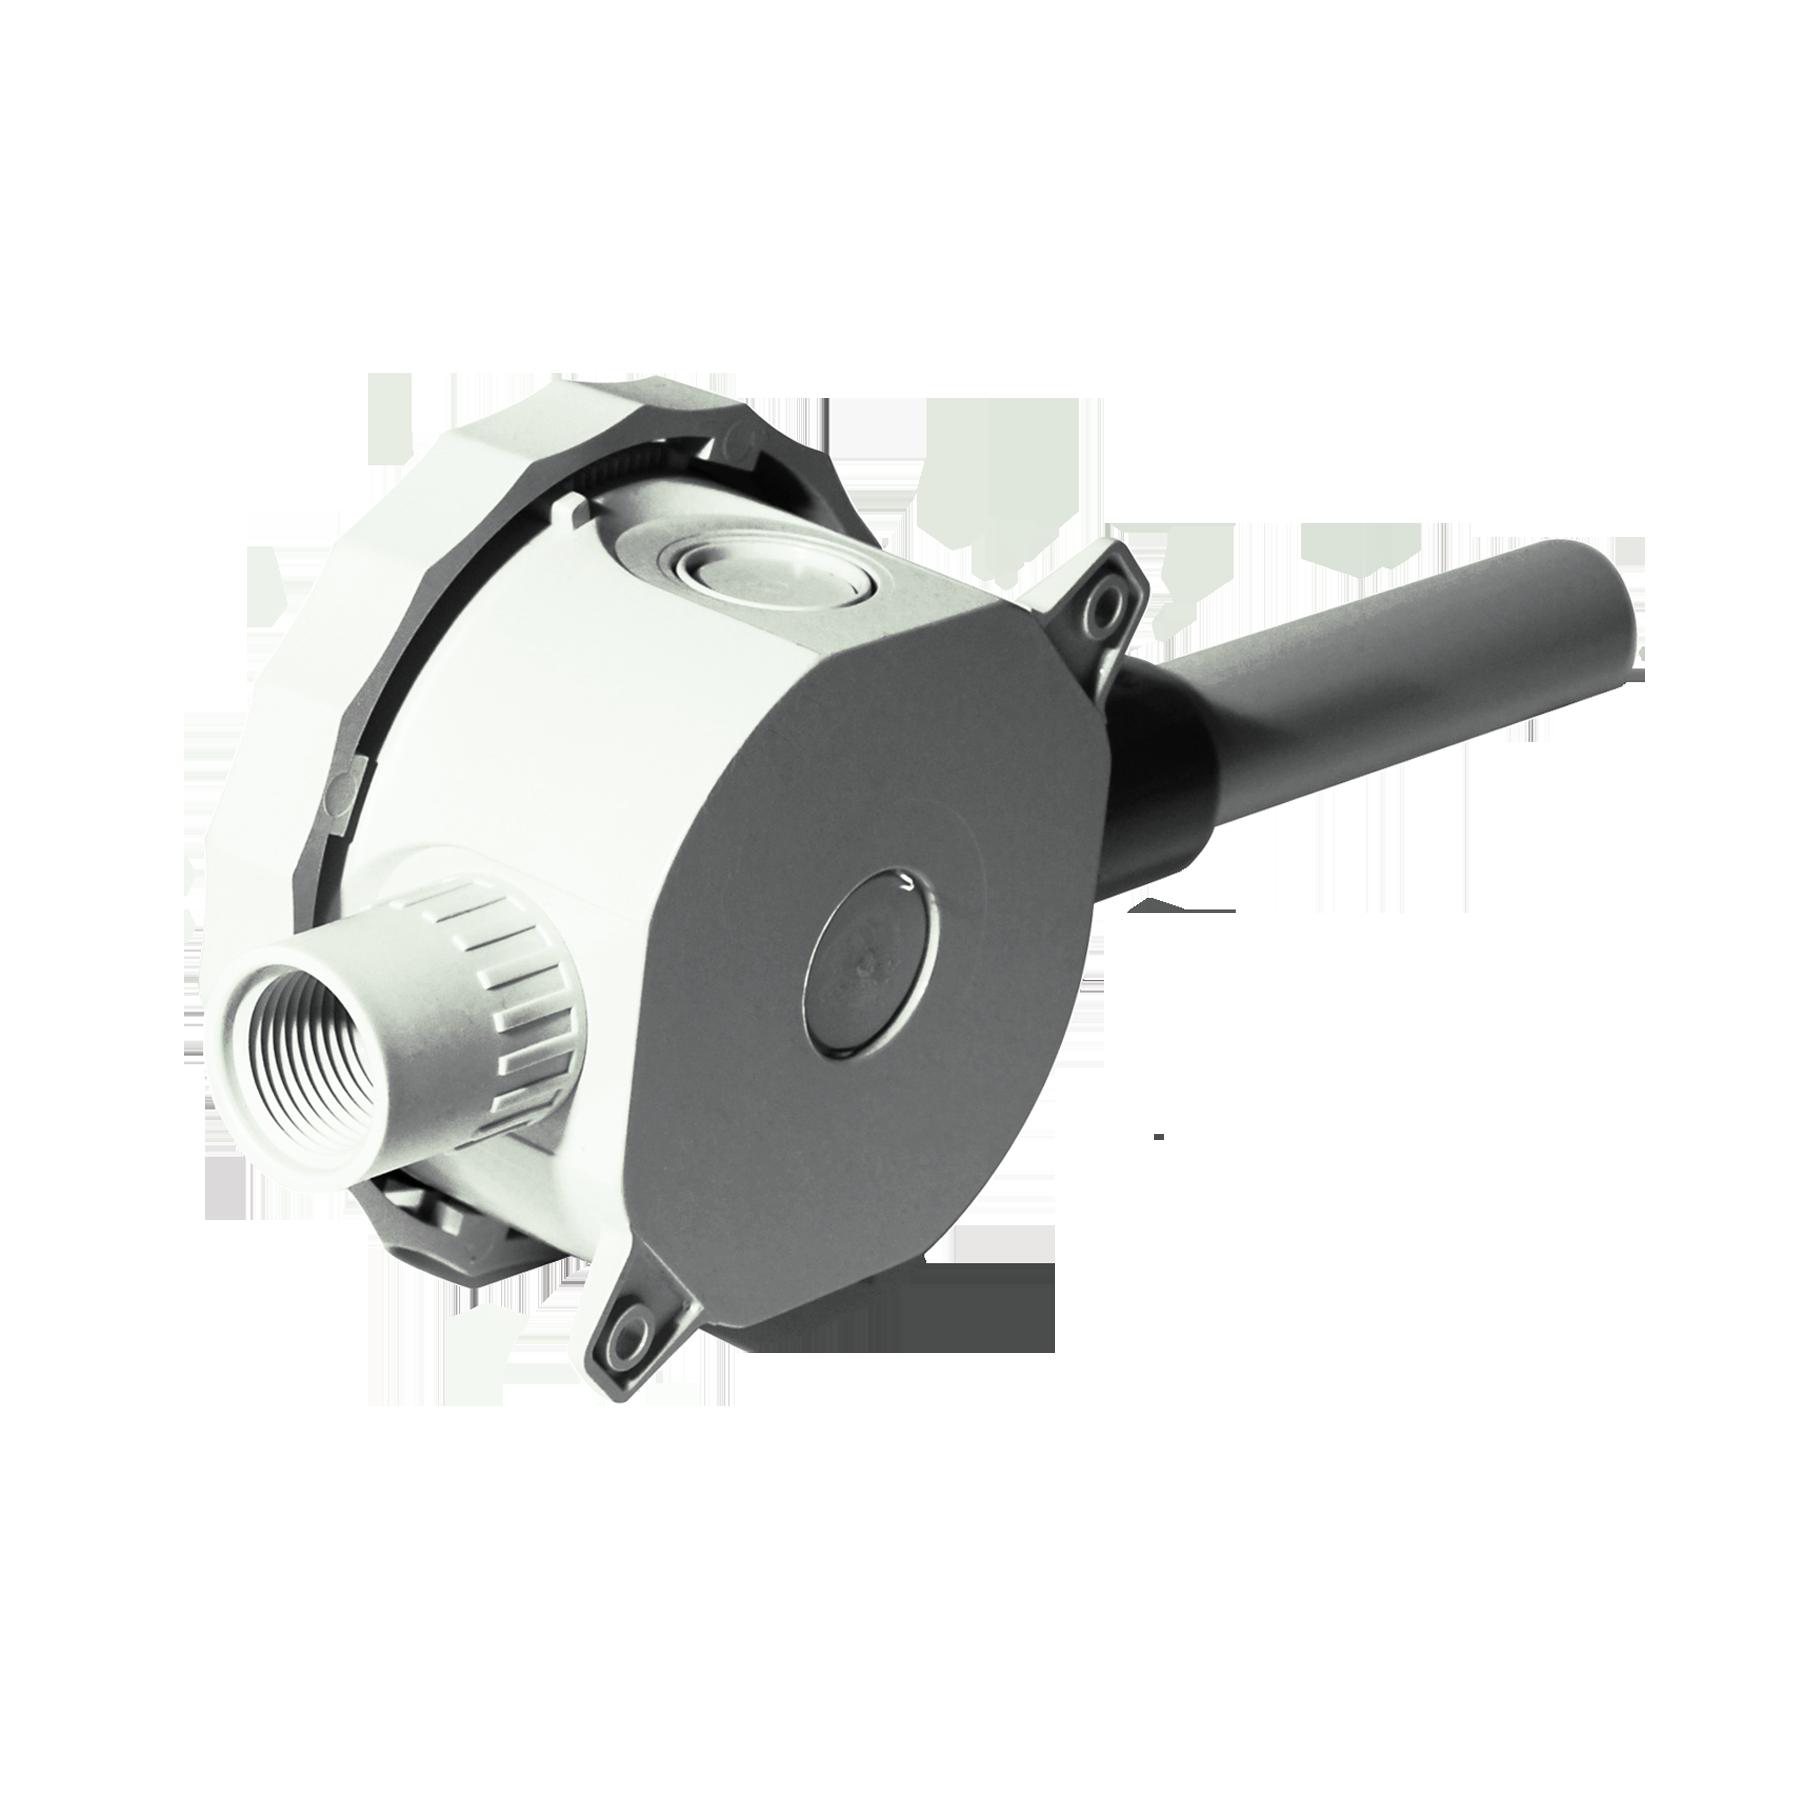 ACI A/O-PUP-V Pickup Port for Sensing Additional Reference Pressures